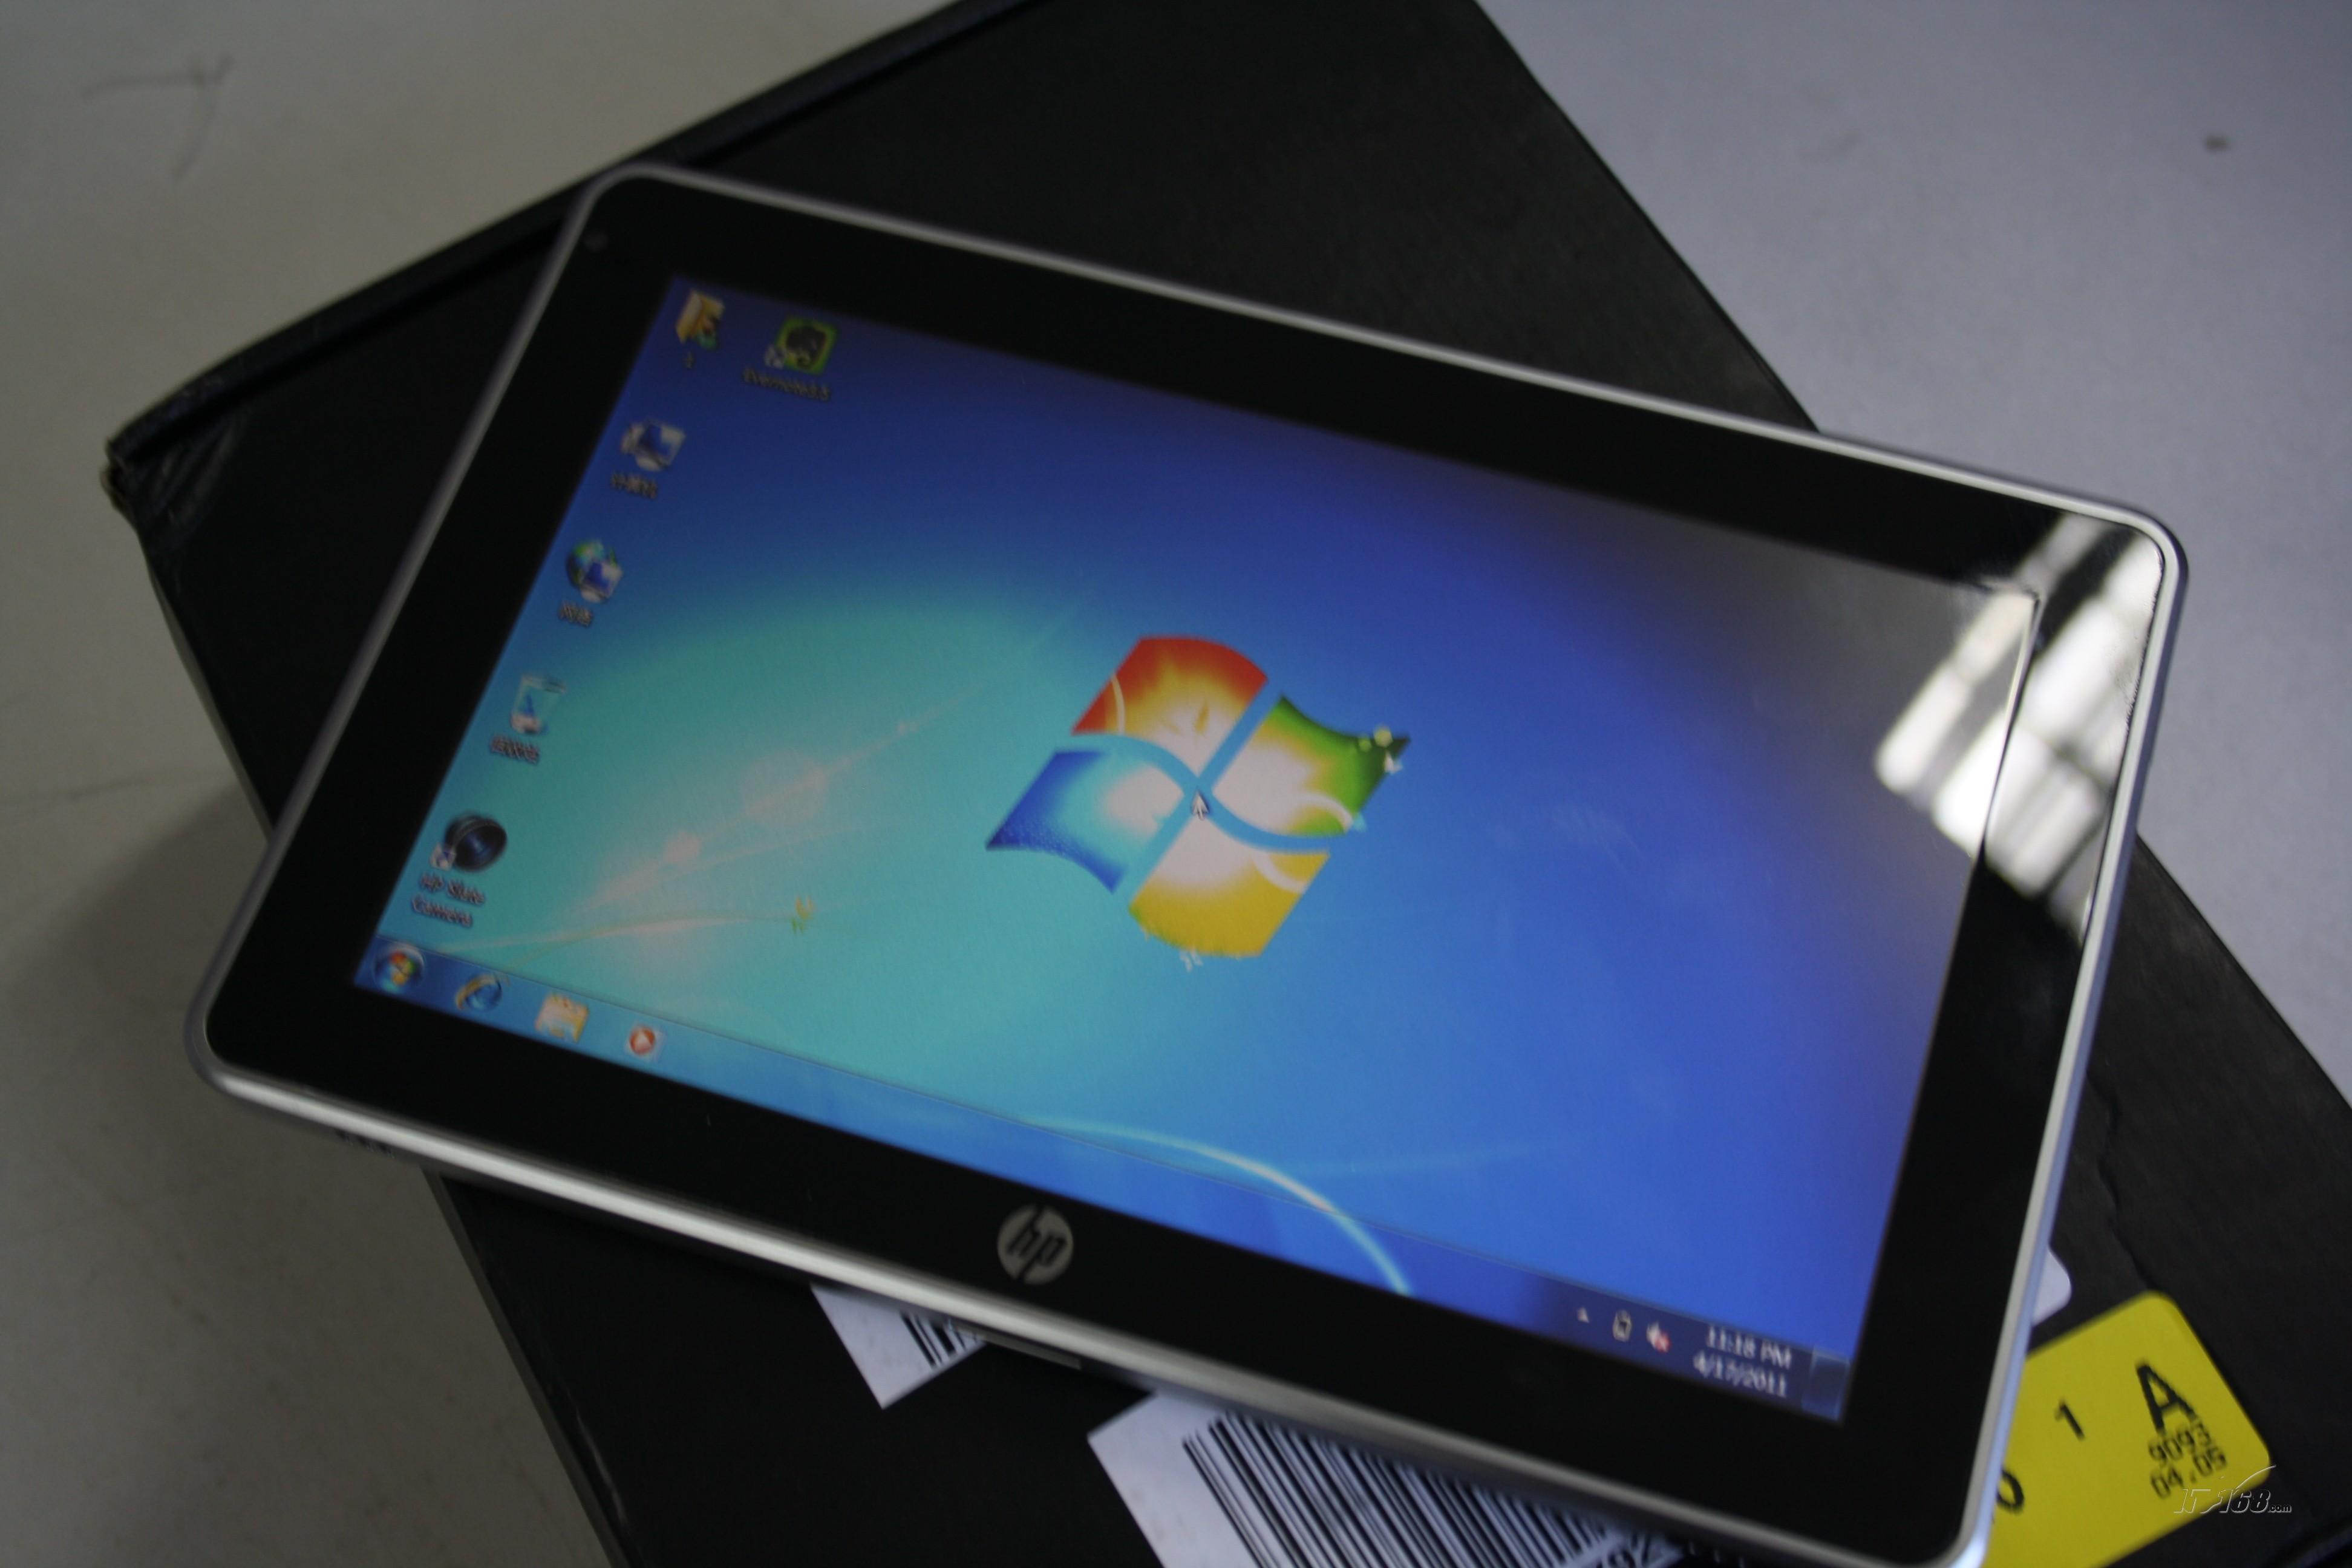 便宜又好用的平板电脑_600平板电脑_500左右的平板电脑